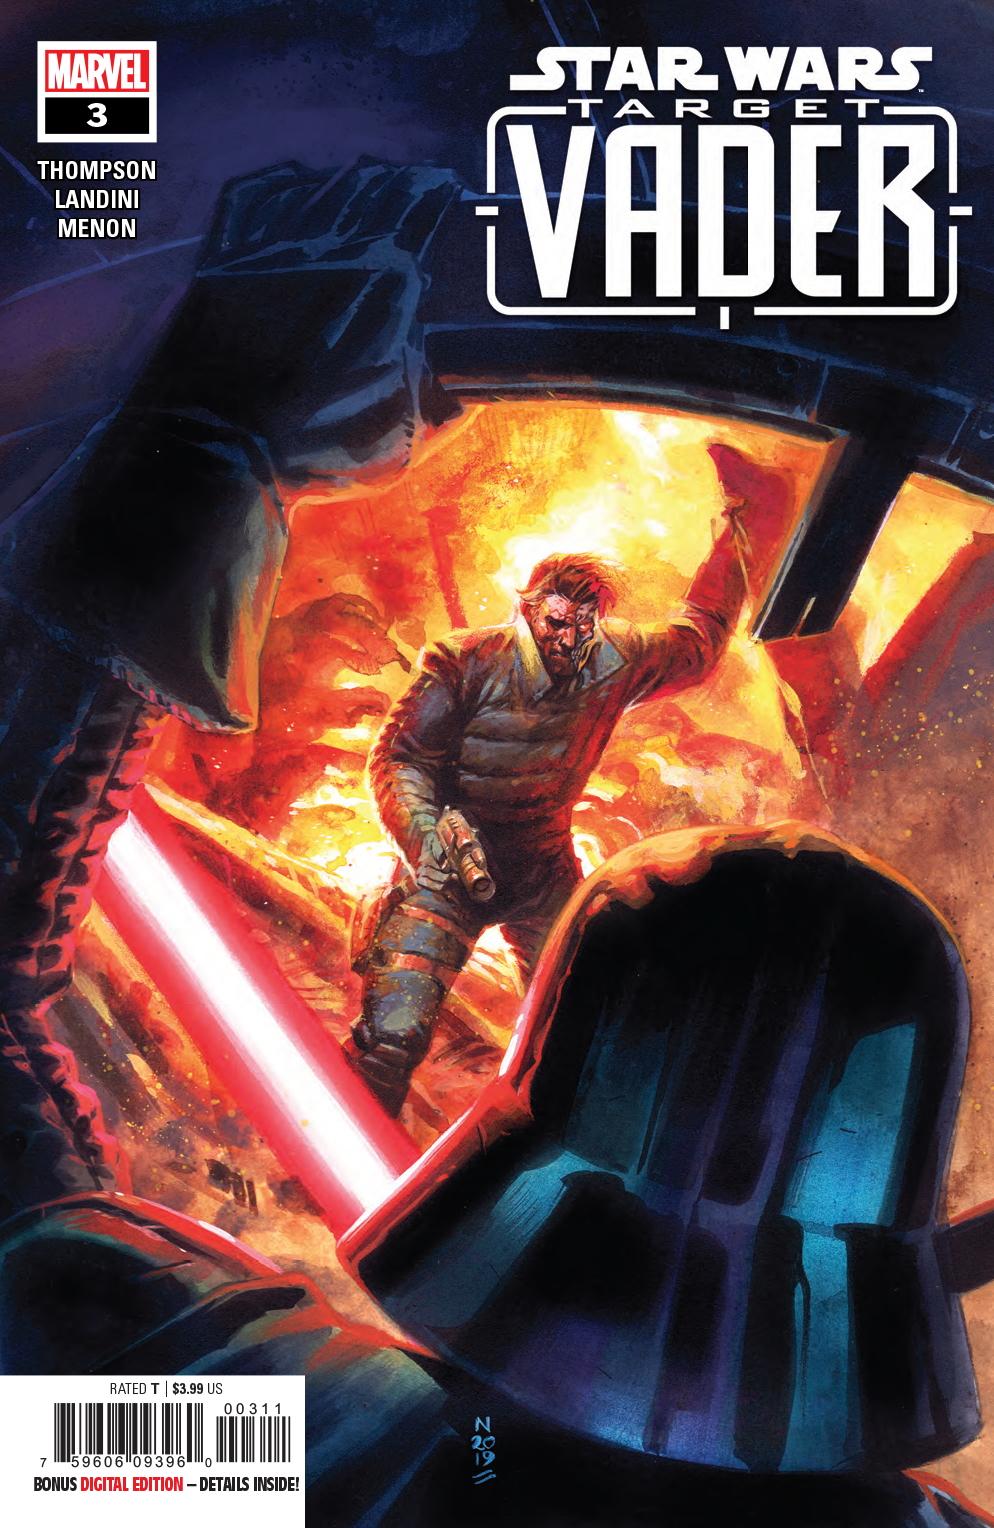 Target Vader #3 (25.09.2019)